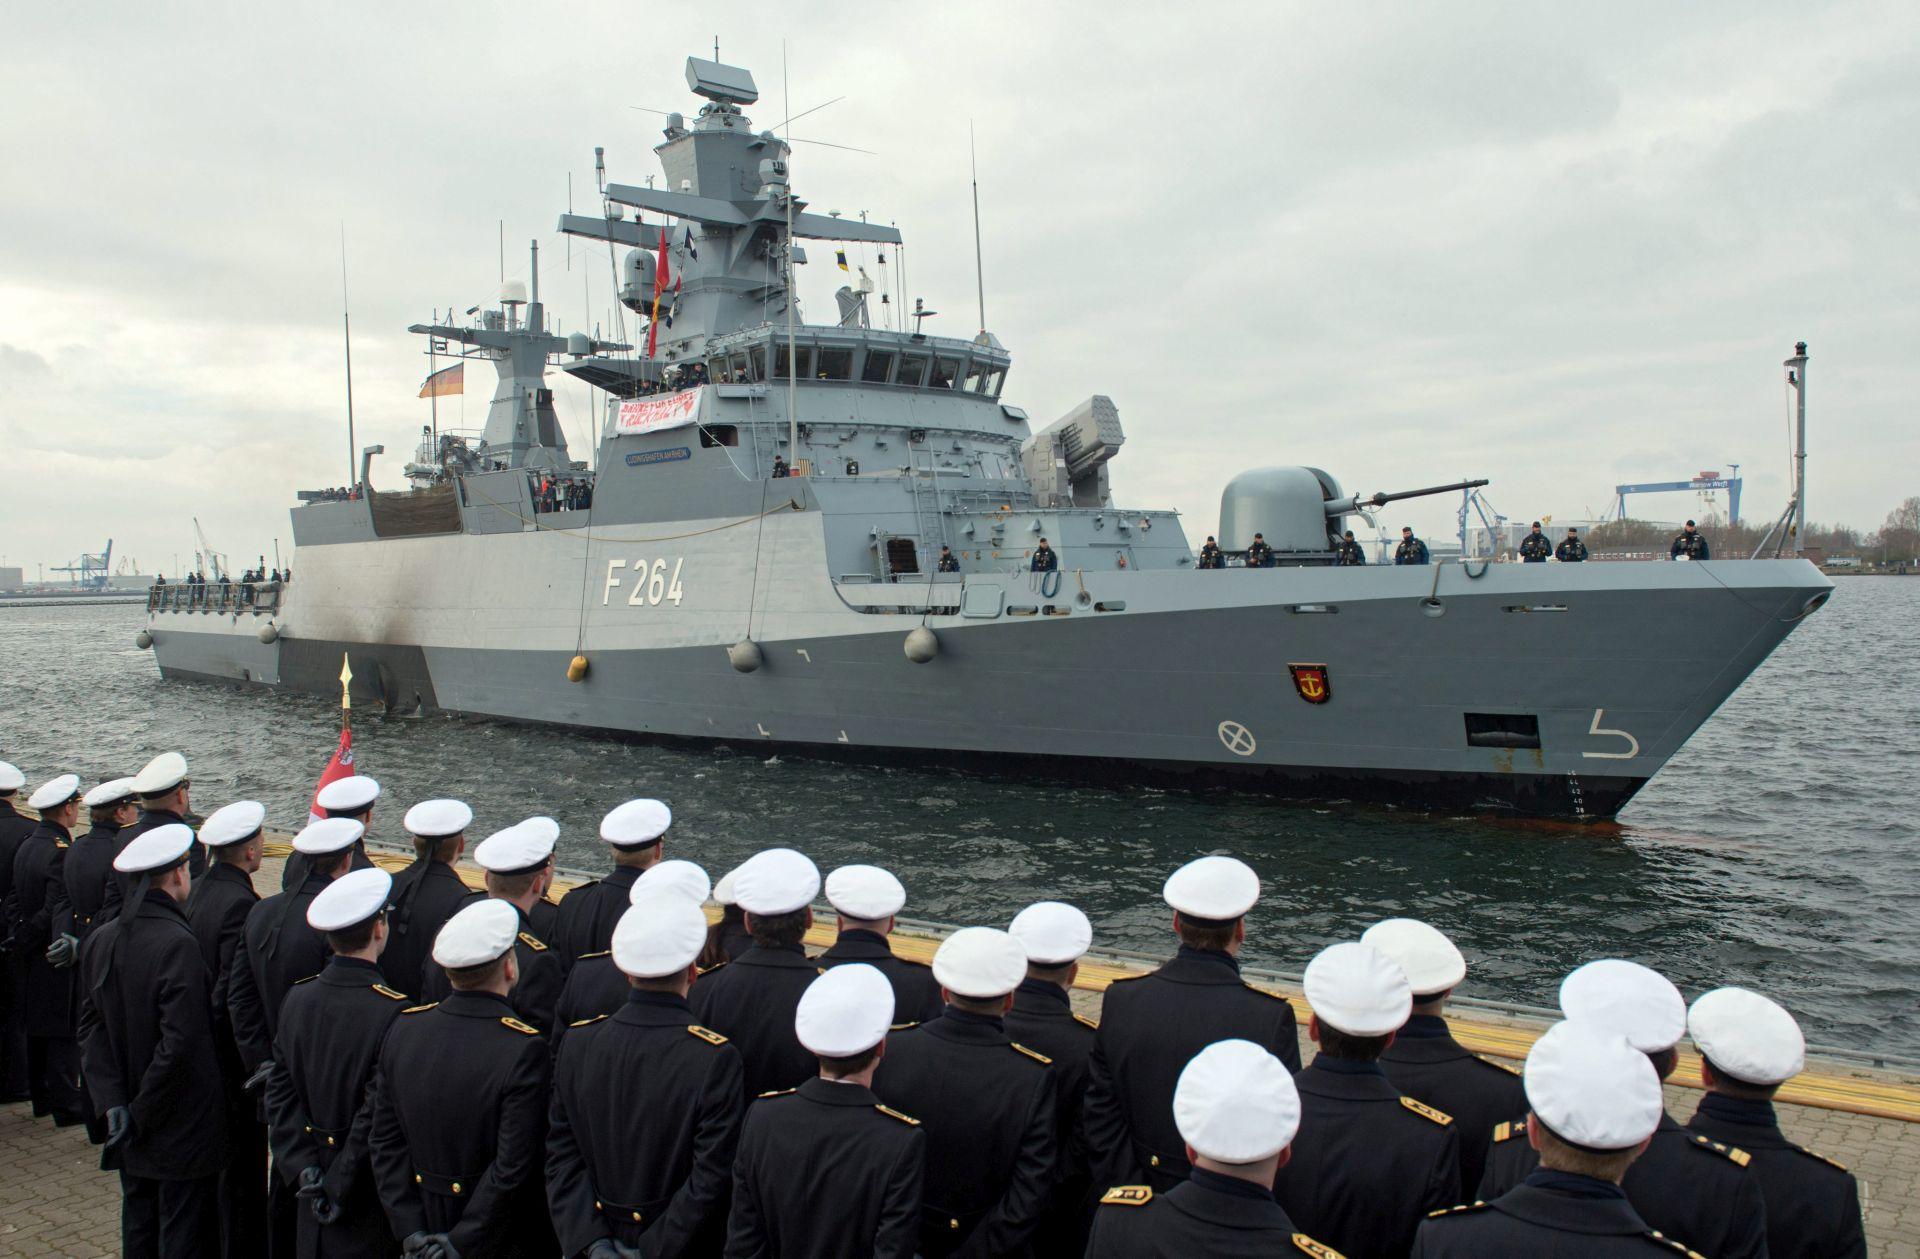 VEĆA SIGURNOST Njemačka nabavlja pet novih brodova vrijednih 1,5 milijardi eura